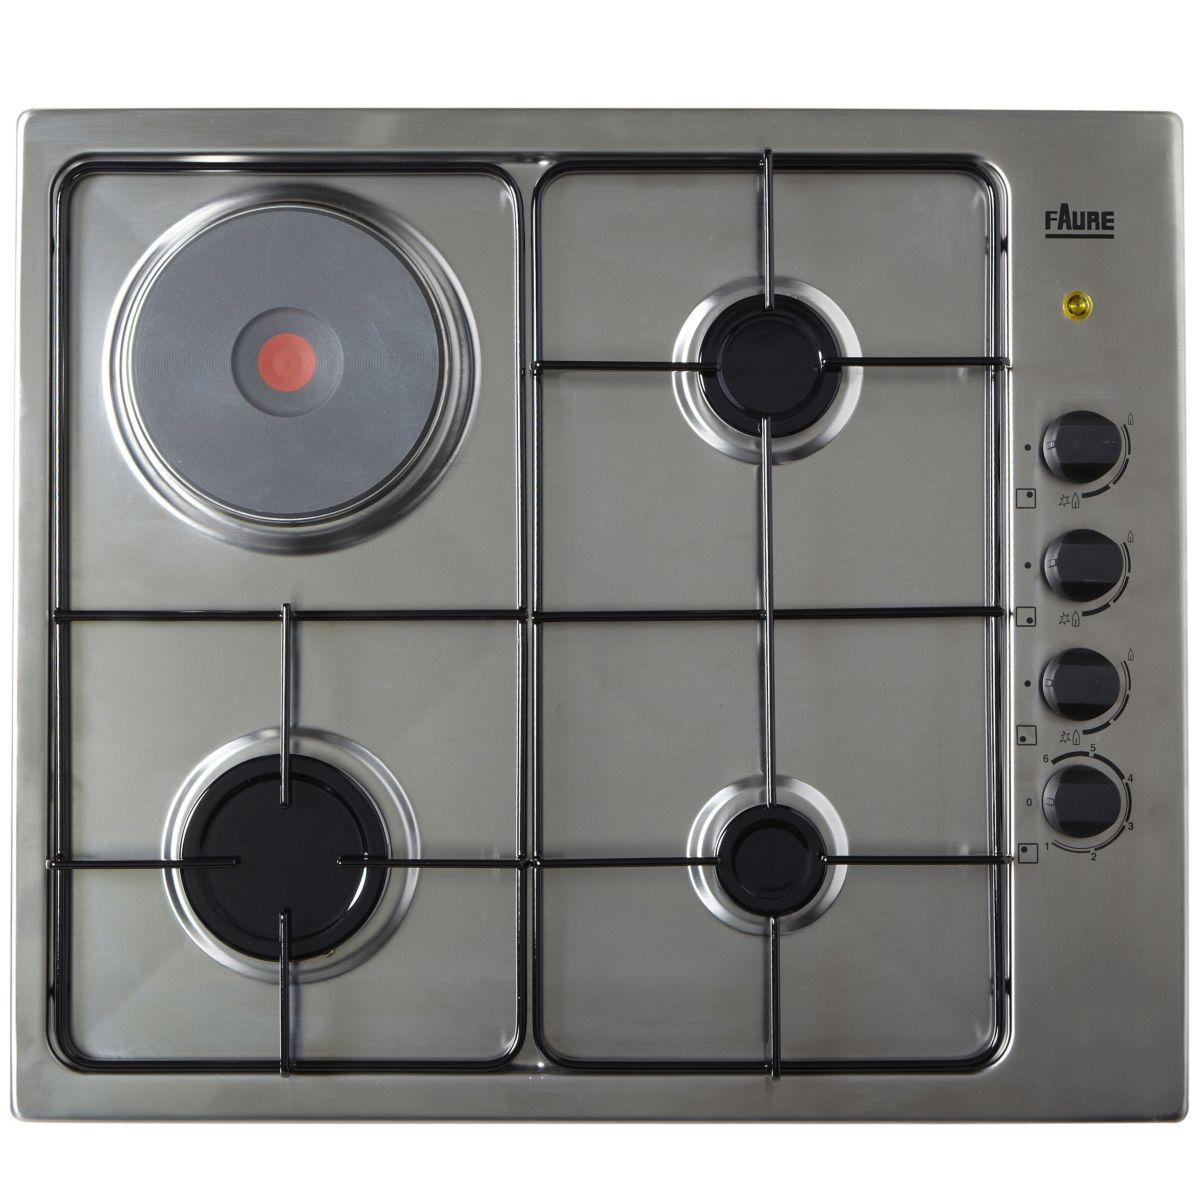 faure fgm62444 table de cuisson mixte gaz et lectrique 4 foyers comparer avec. Black Bedroom Furniture Sets. Home Design Ideas